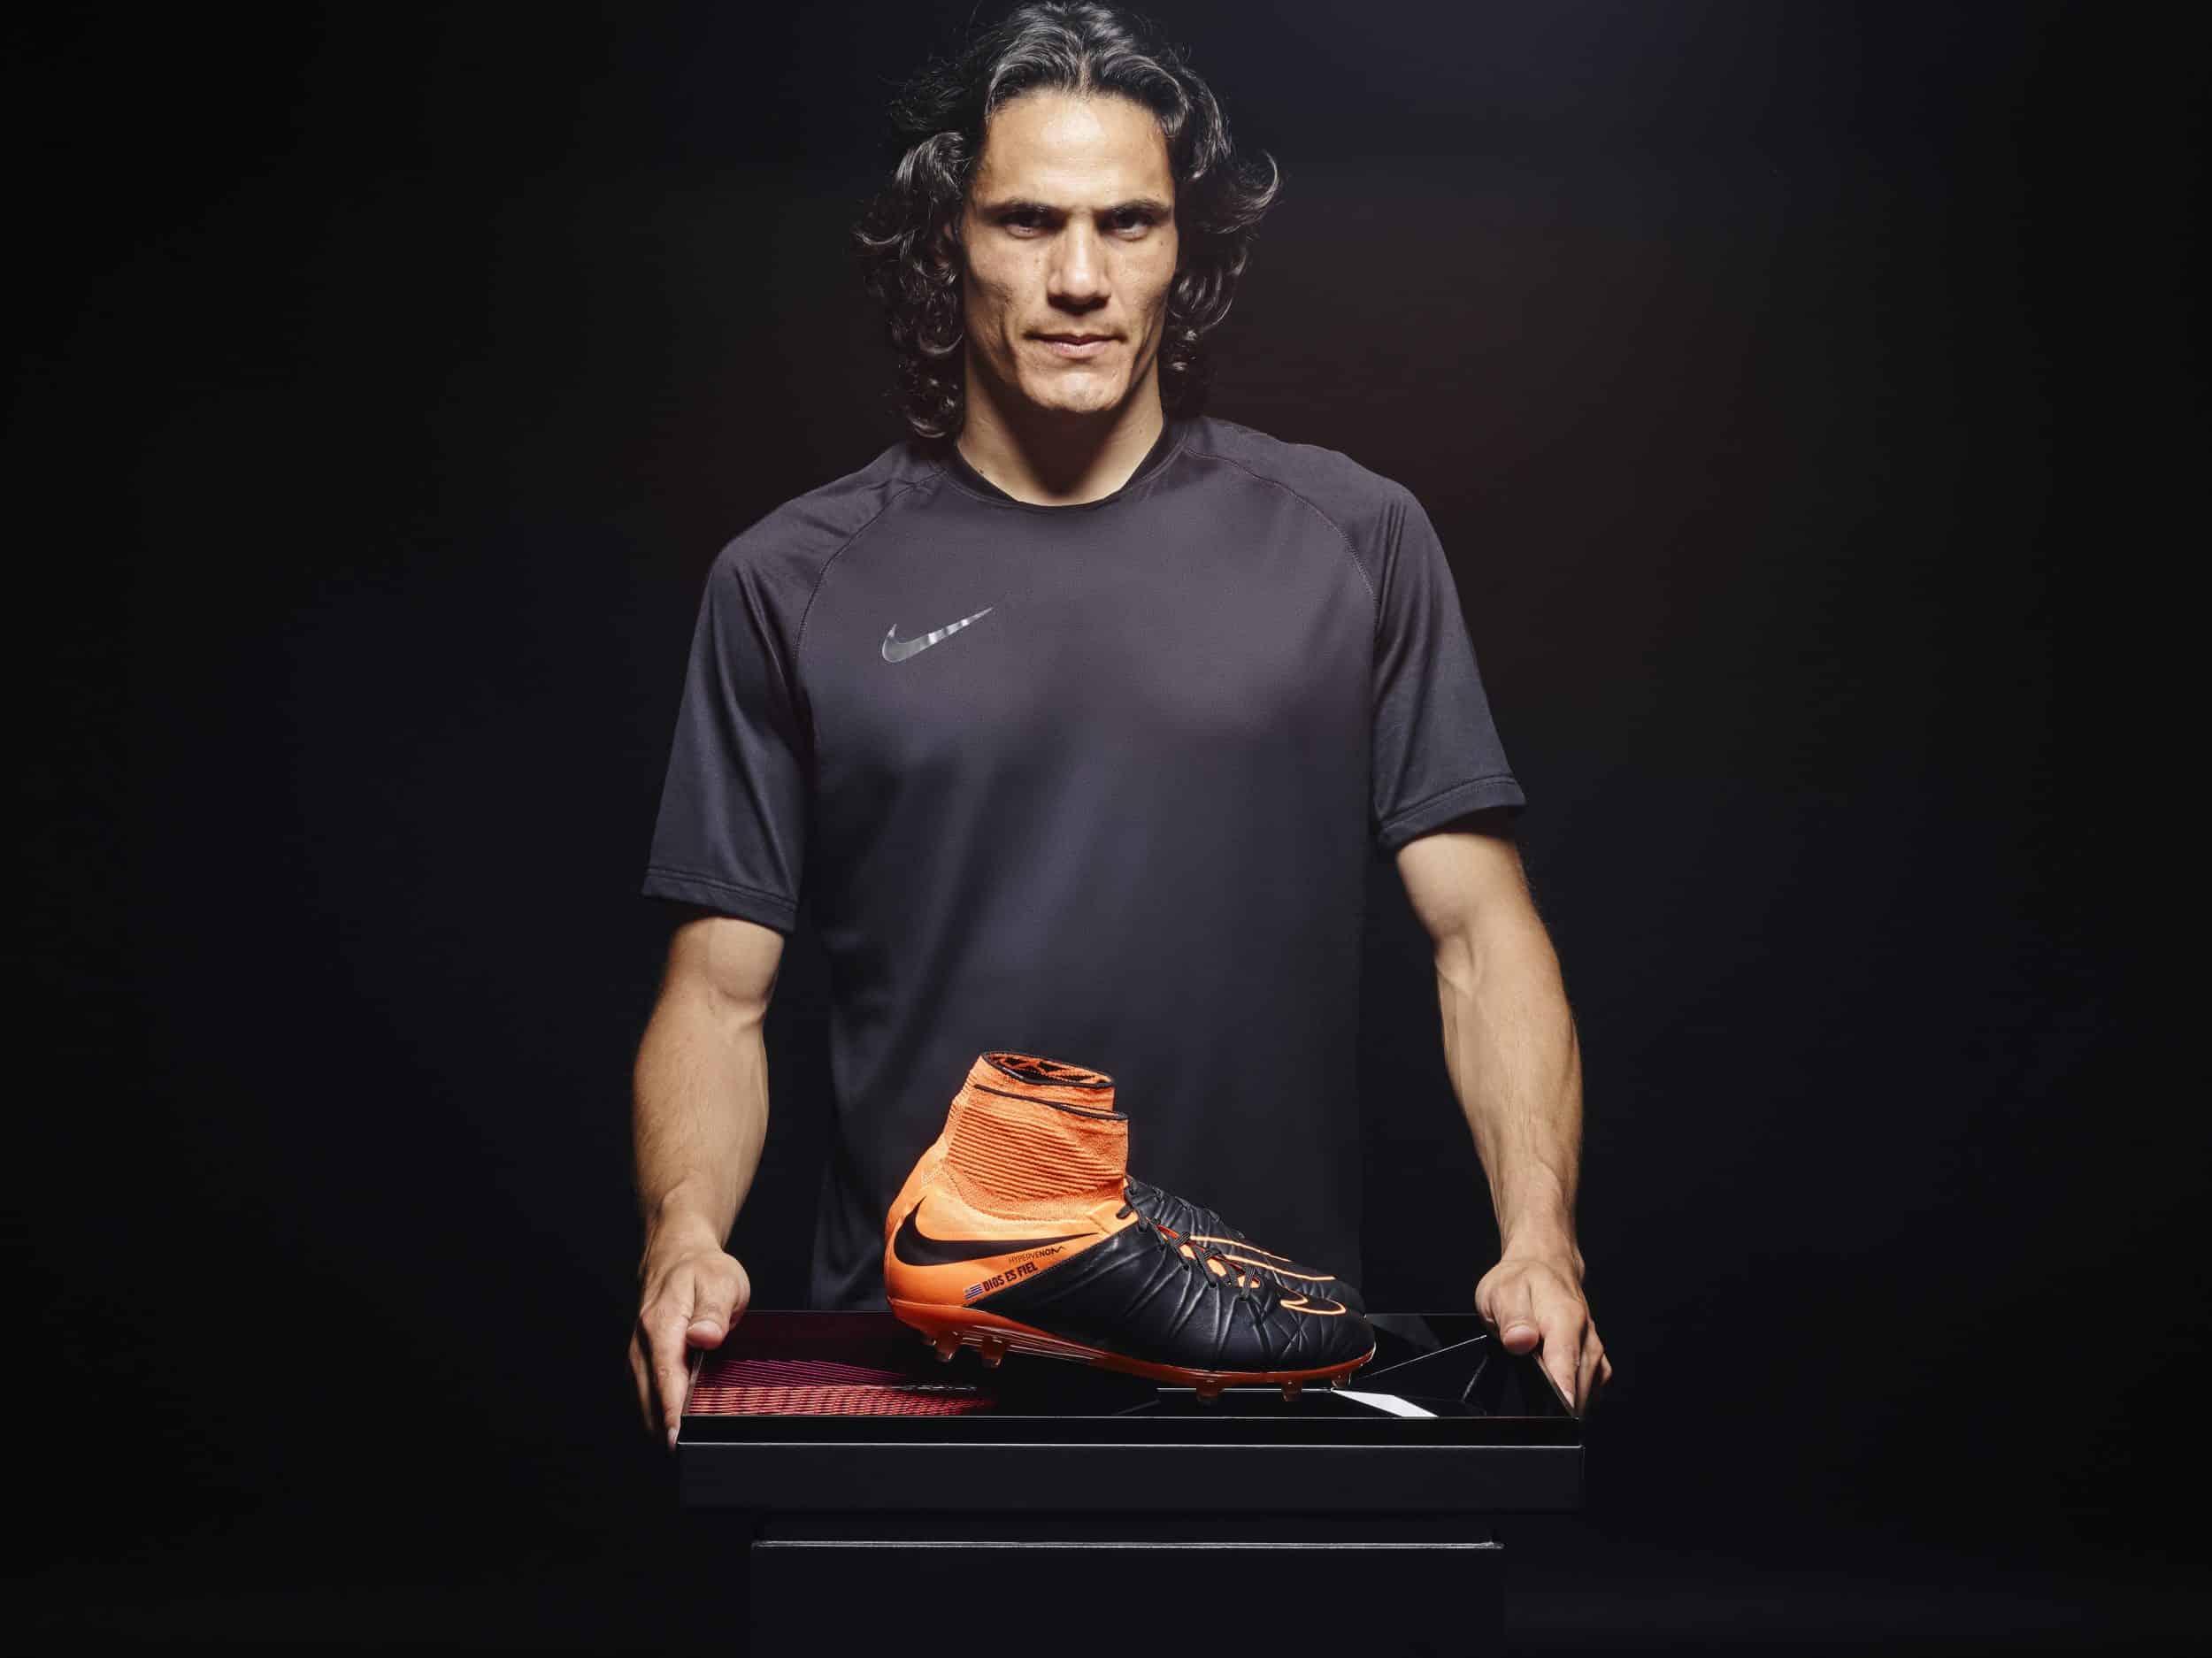 Les chaussures de foot de la carrière d'Edinson Cavani